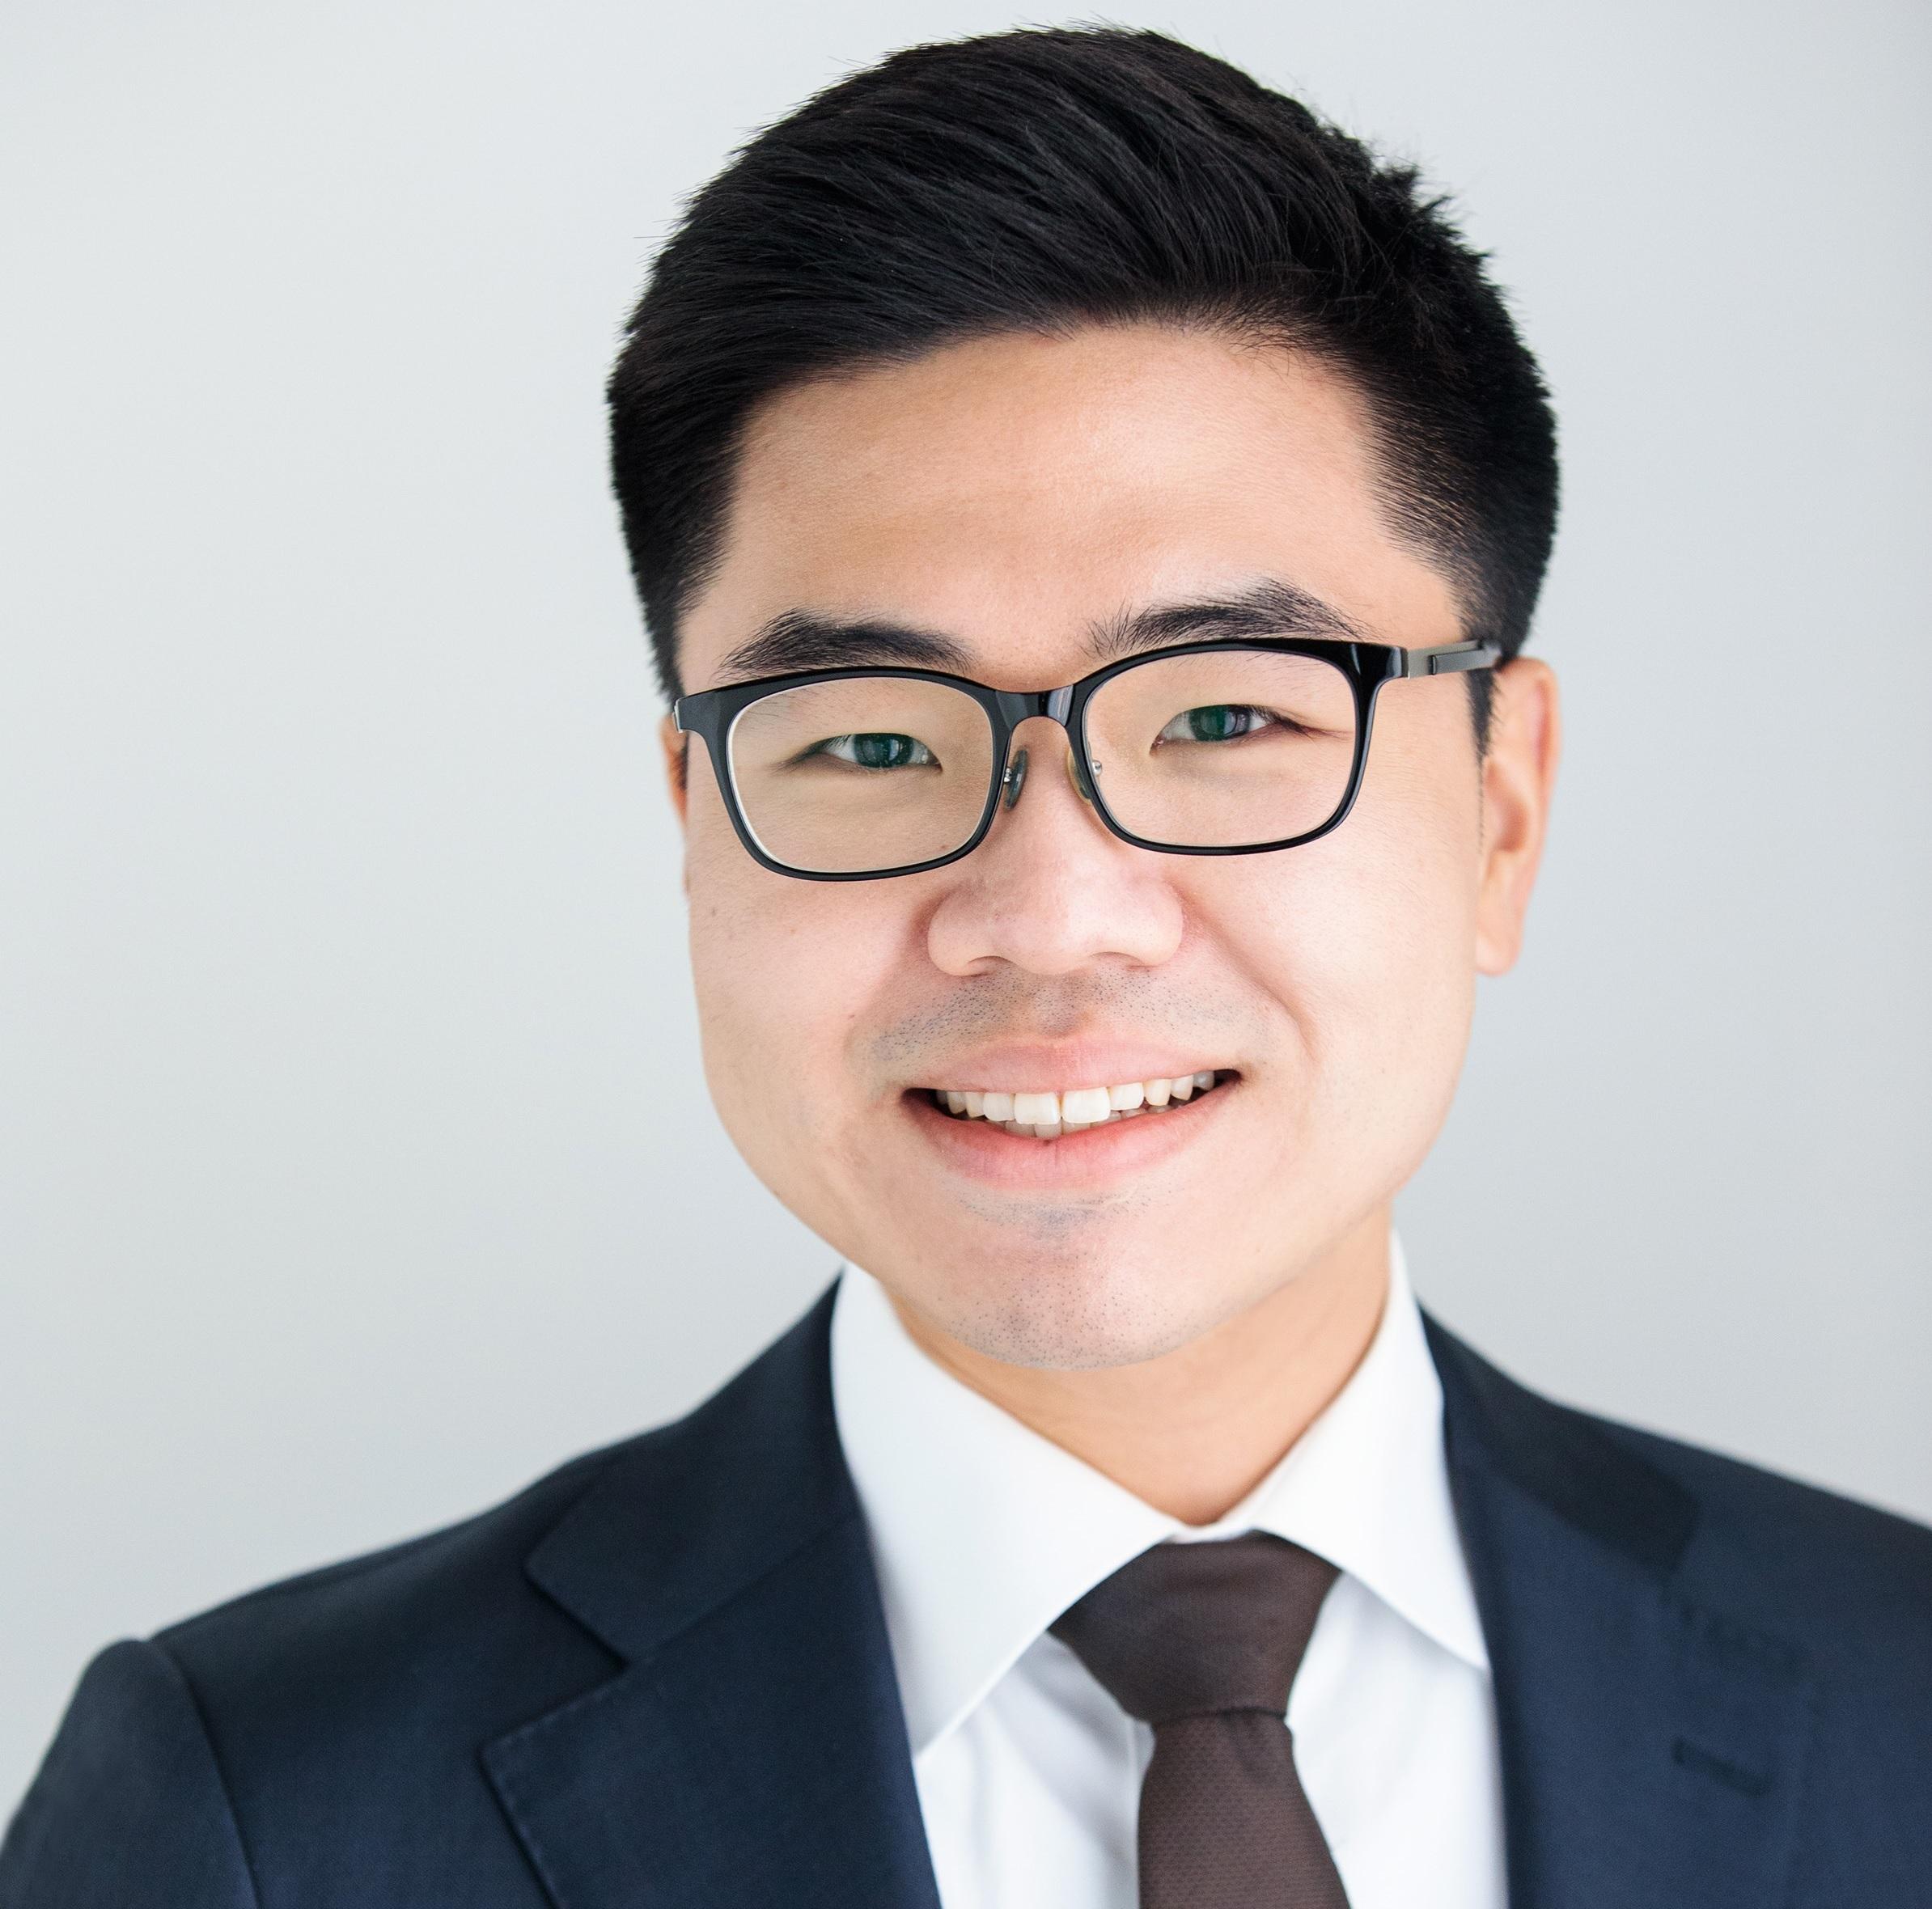 Daniel (Kyoung Han) Bae, DDS in Dedham